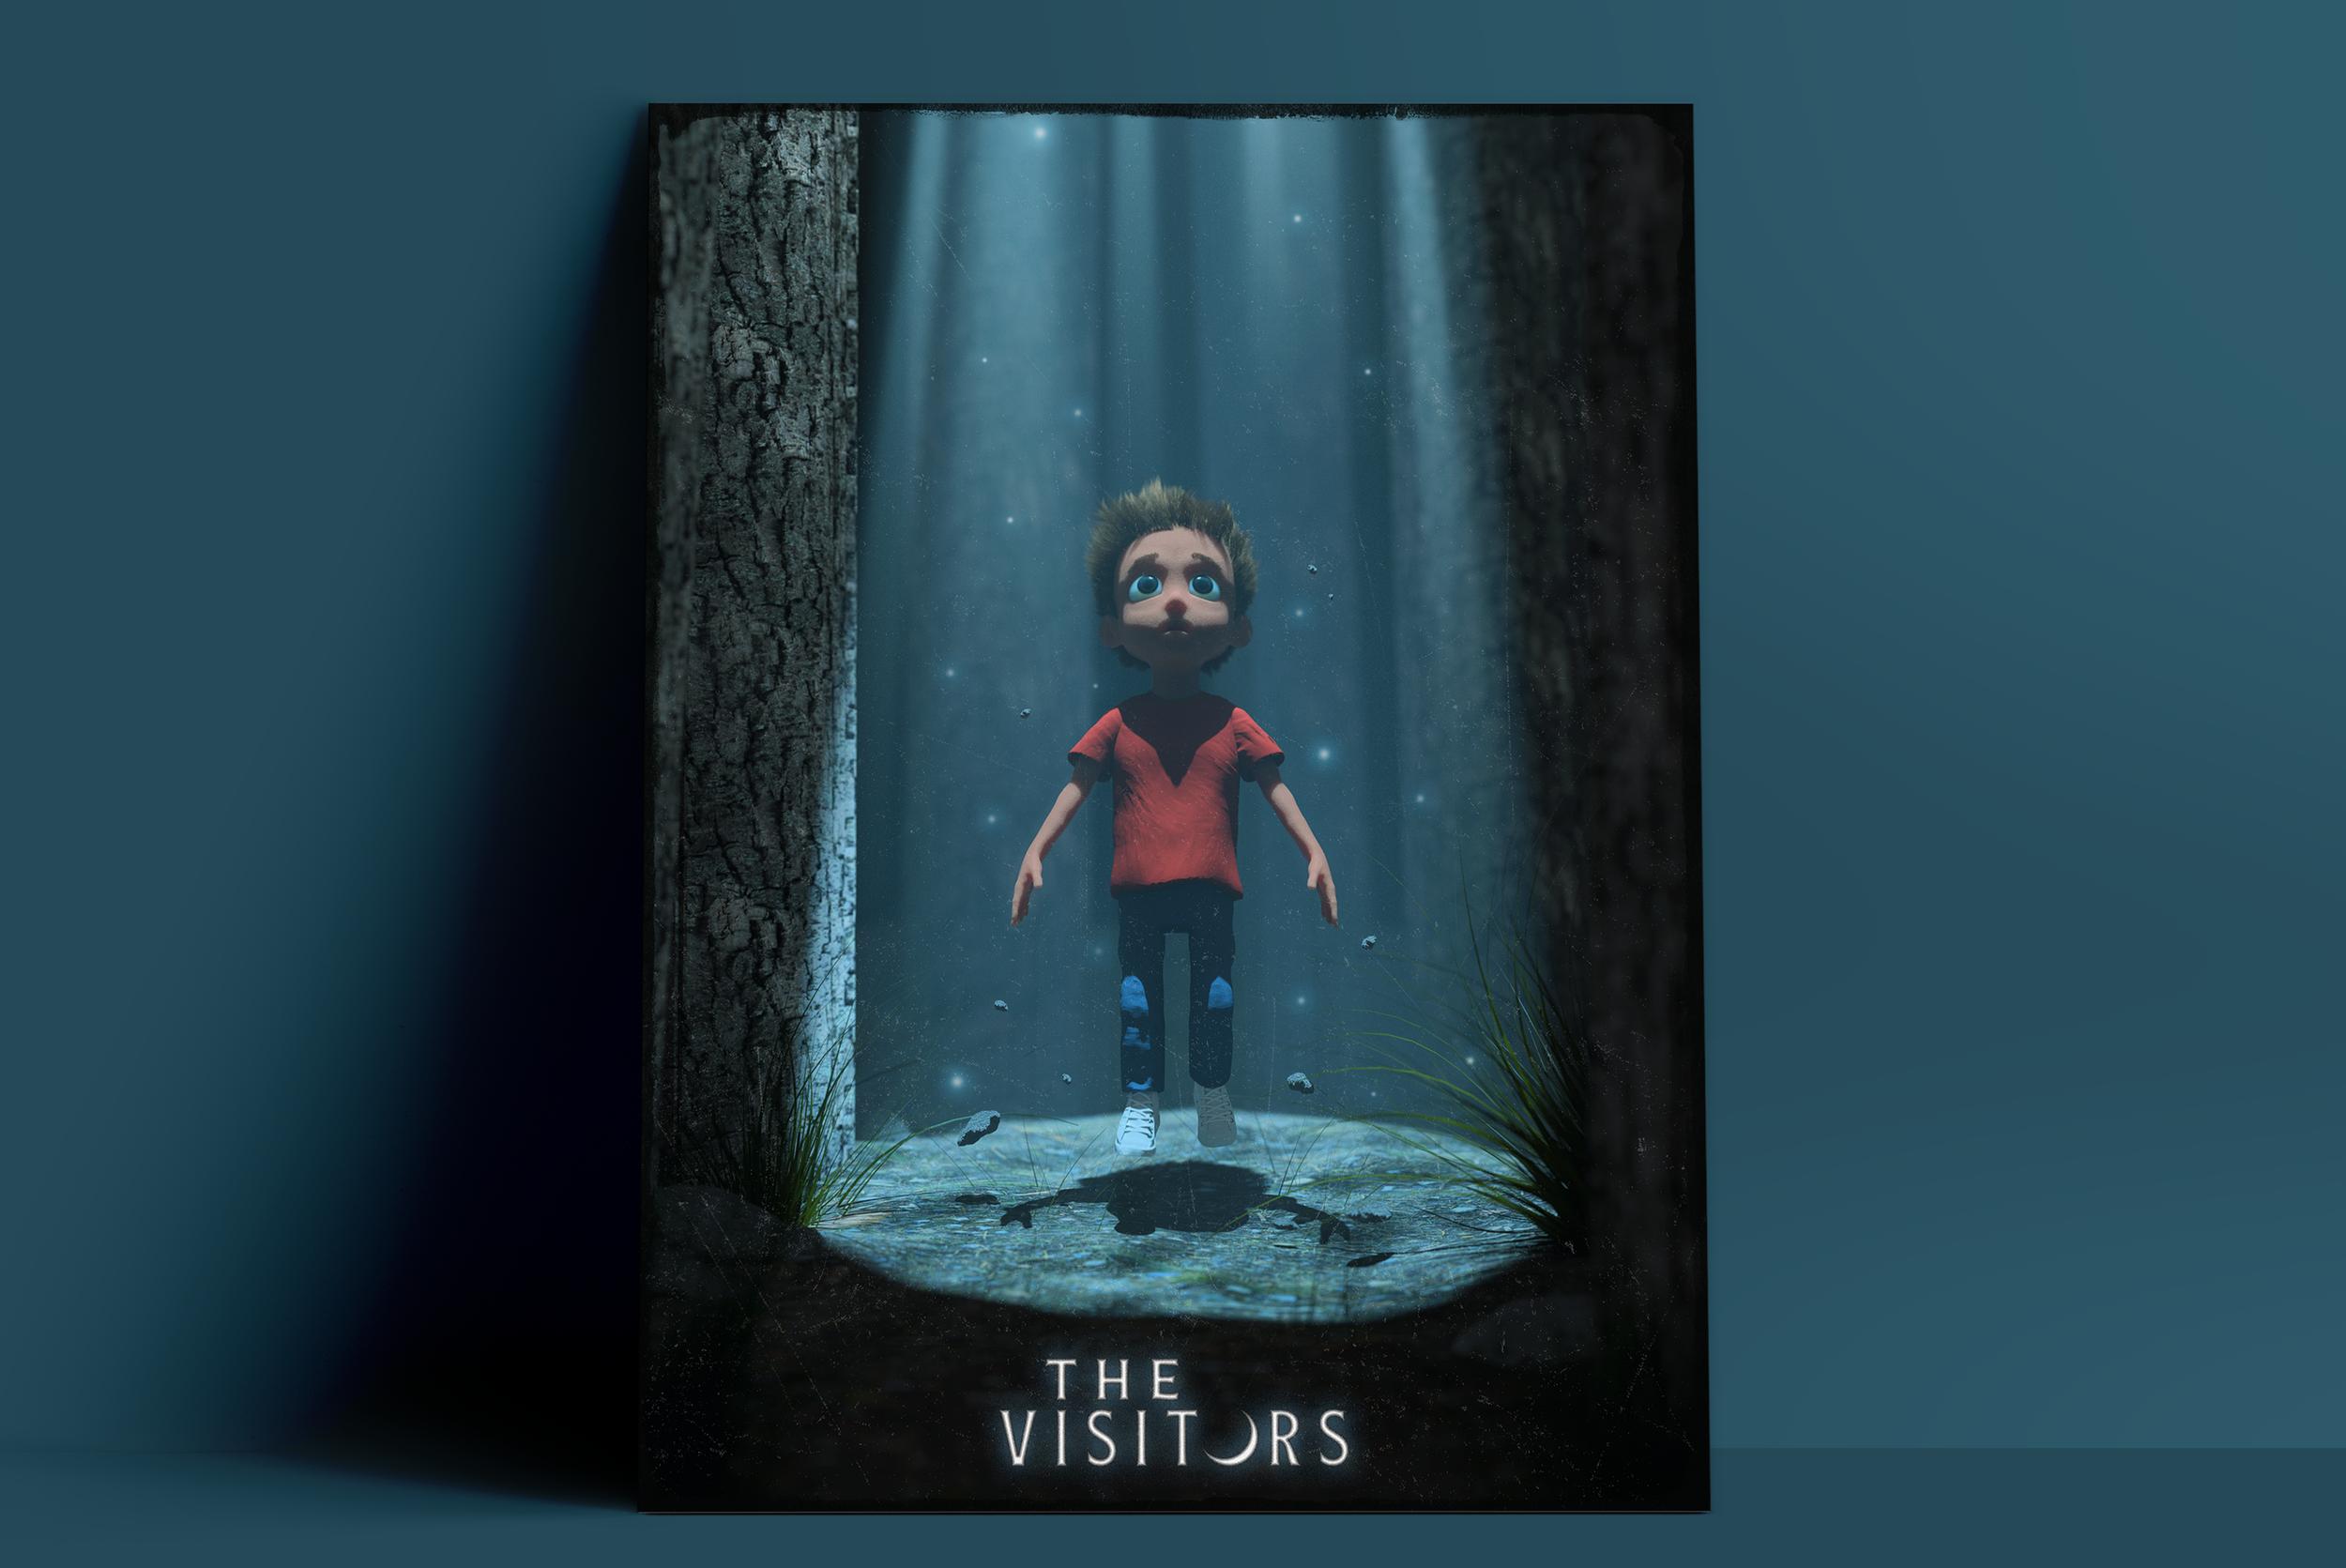 Visitors_poster_insitu.png